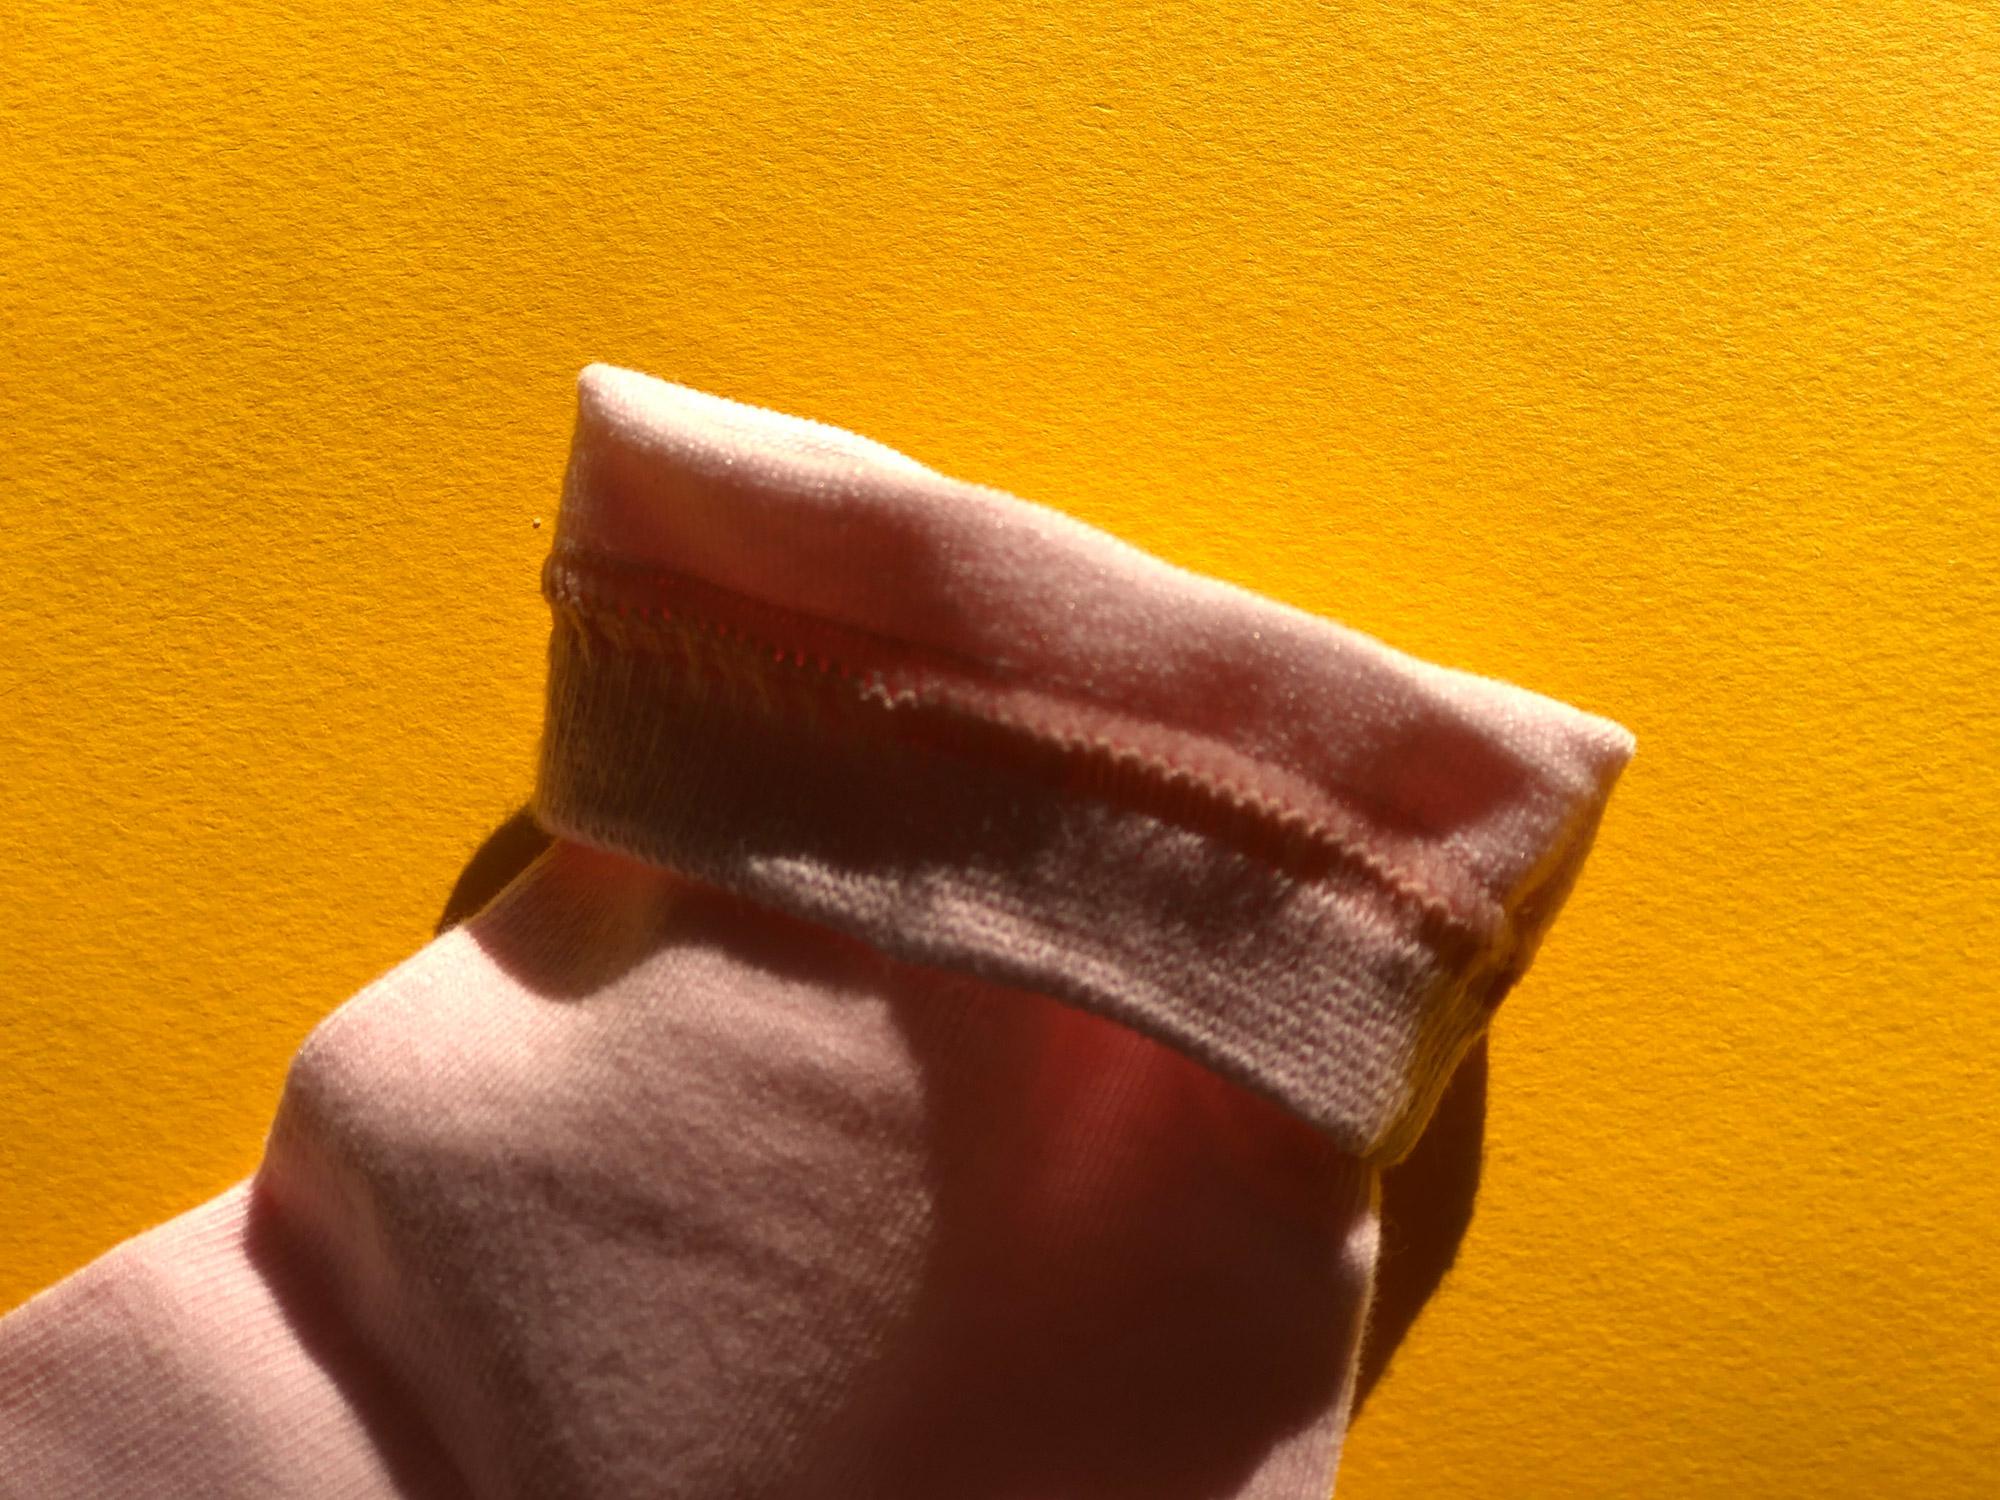 Обзор носков с брошами Laines на garterblog.ru. Все права на фото и текст защищены